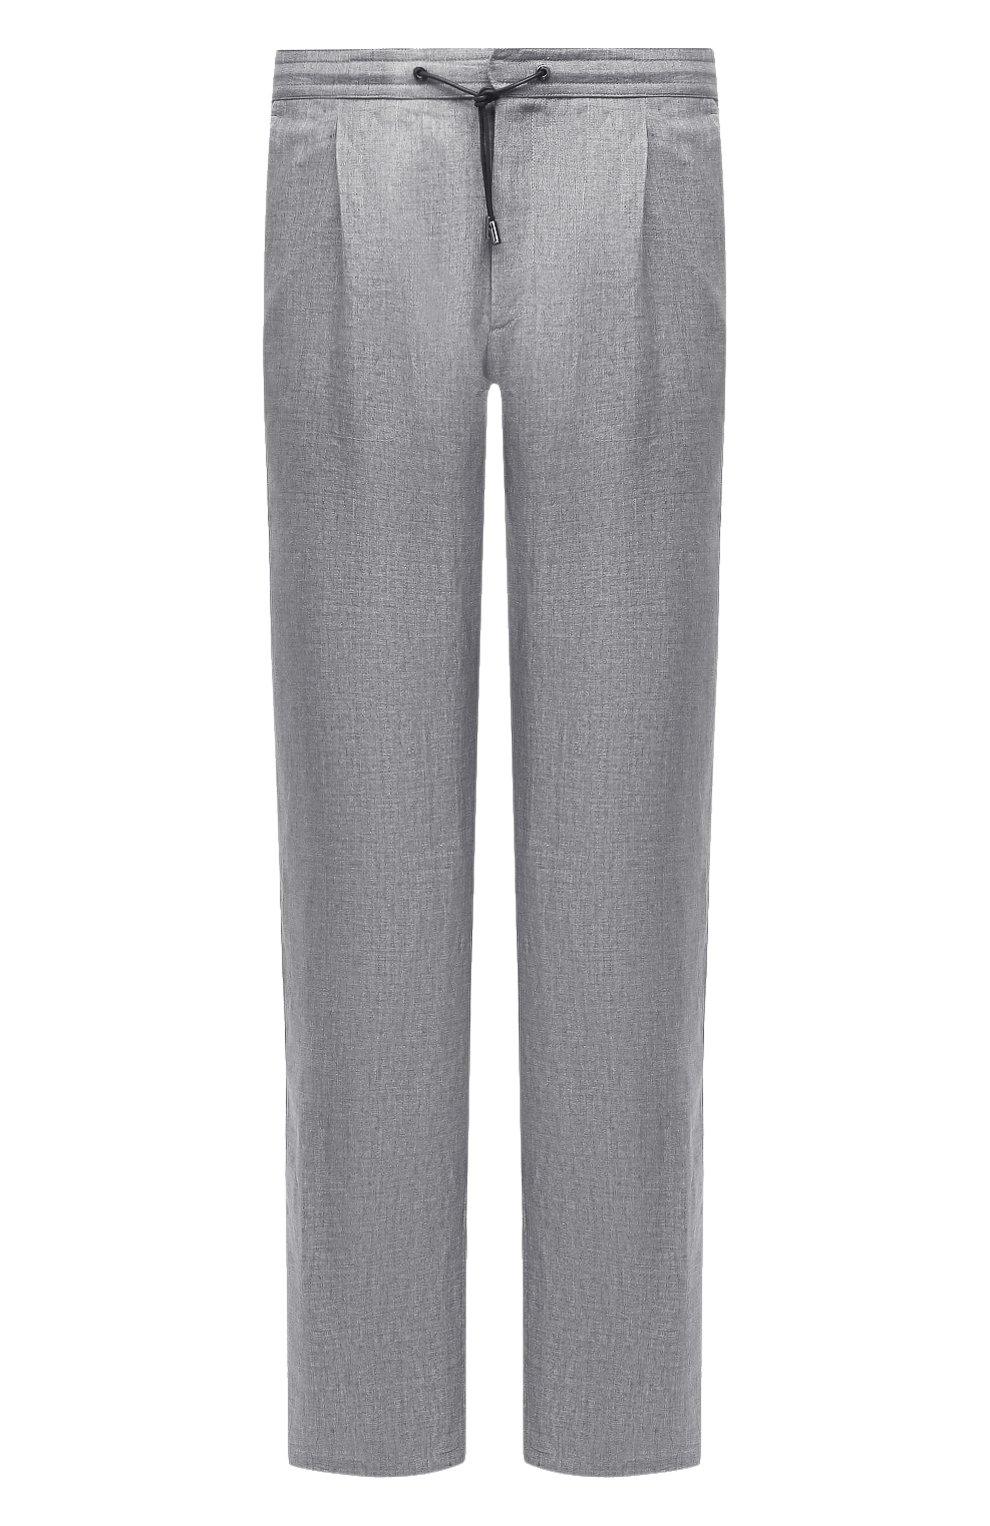 Мужские льняные брюки BRIONI серого цвета, арт. RPMJ0M/P6114/NEW JAMAICA   Фото 1 (Длина (брюки, джинсы): Стандартные; Случай: Повседневный; Материал внешний: Лен; Стили: Кэжуэл)